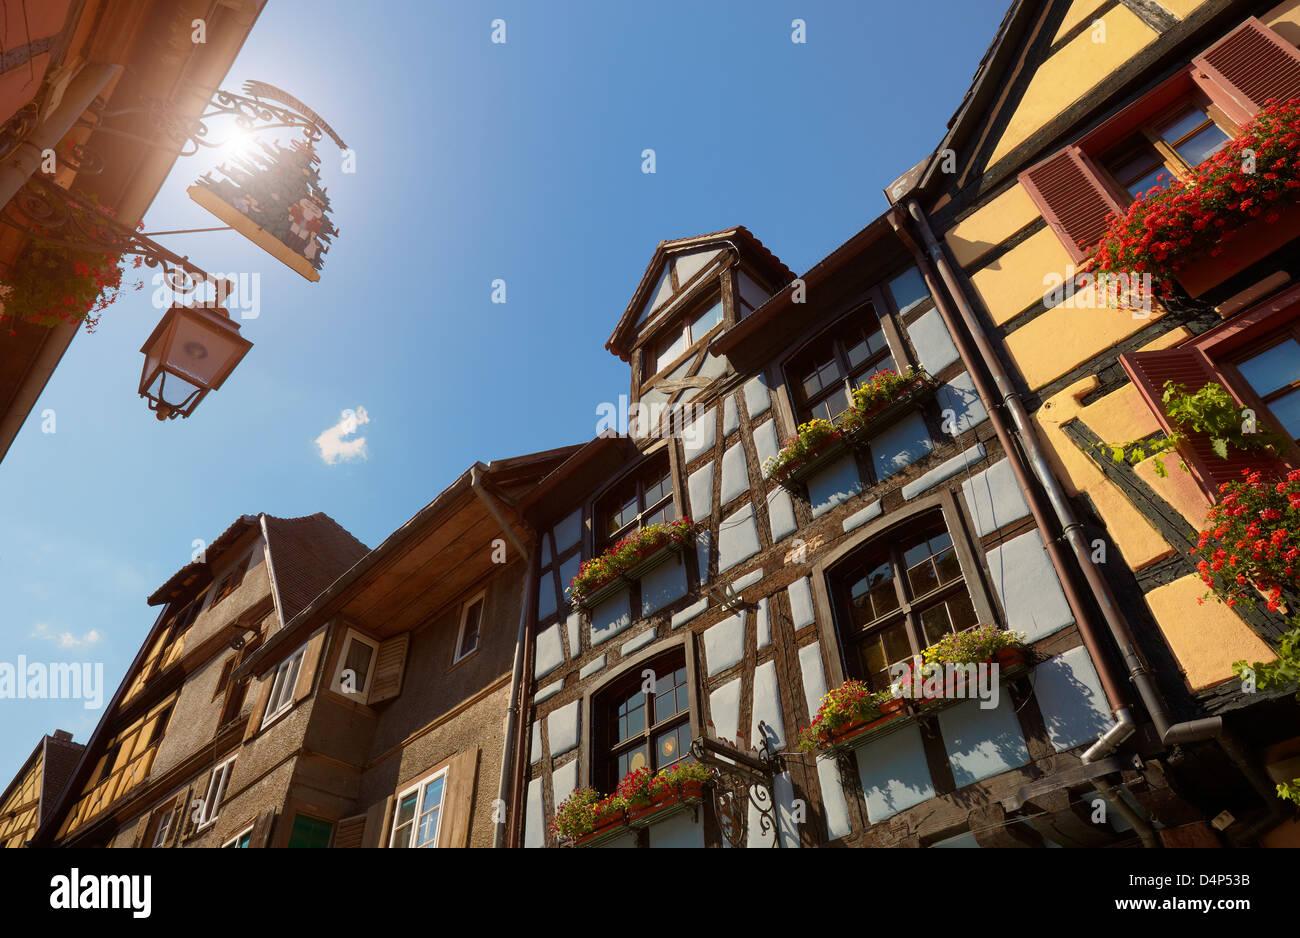 Legname di tipiche case di framing. Riquewihr. Alsazia strada del vino. Haut-Rhin. L'Alsazia. Francia Immagini Stock